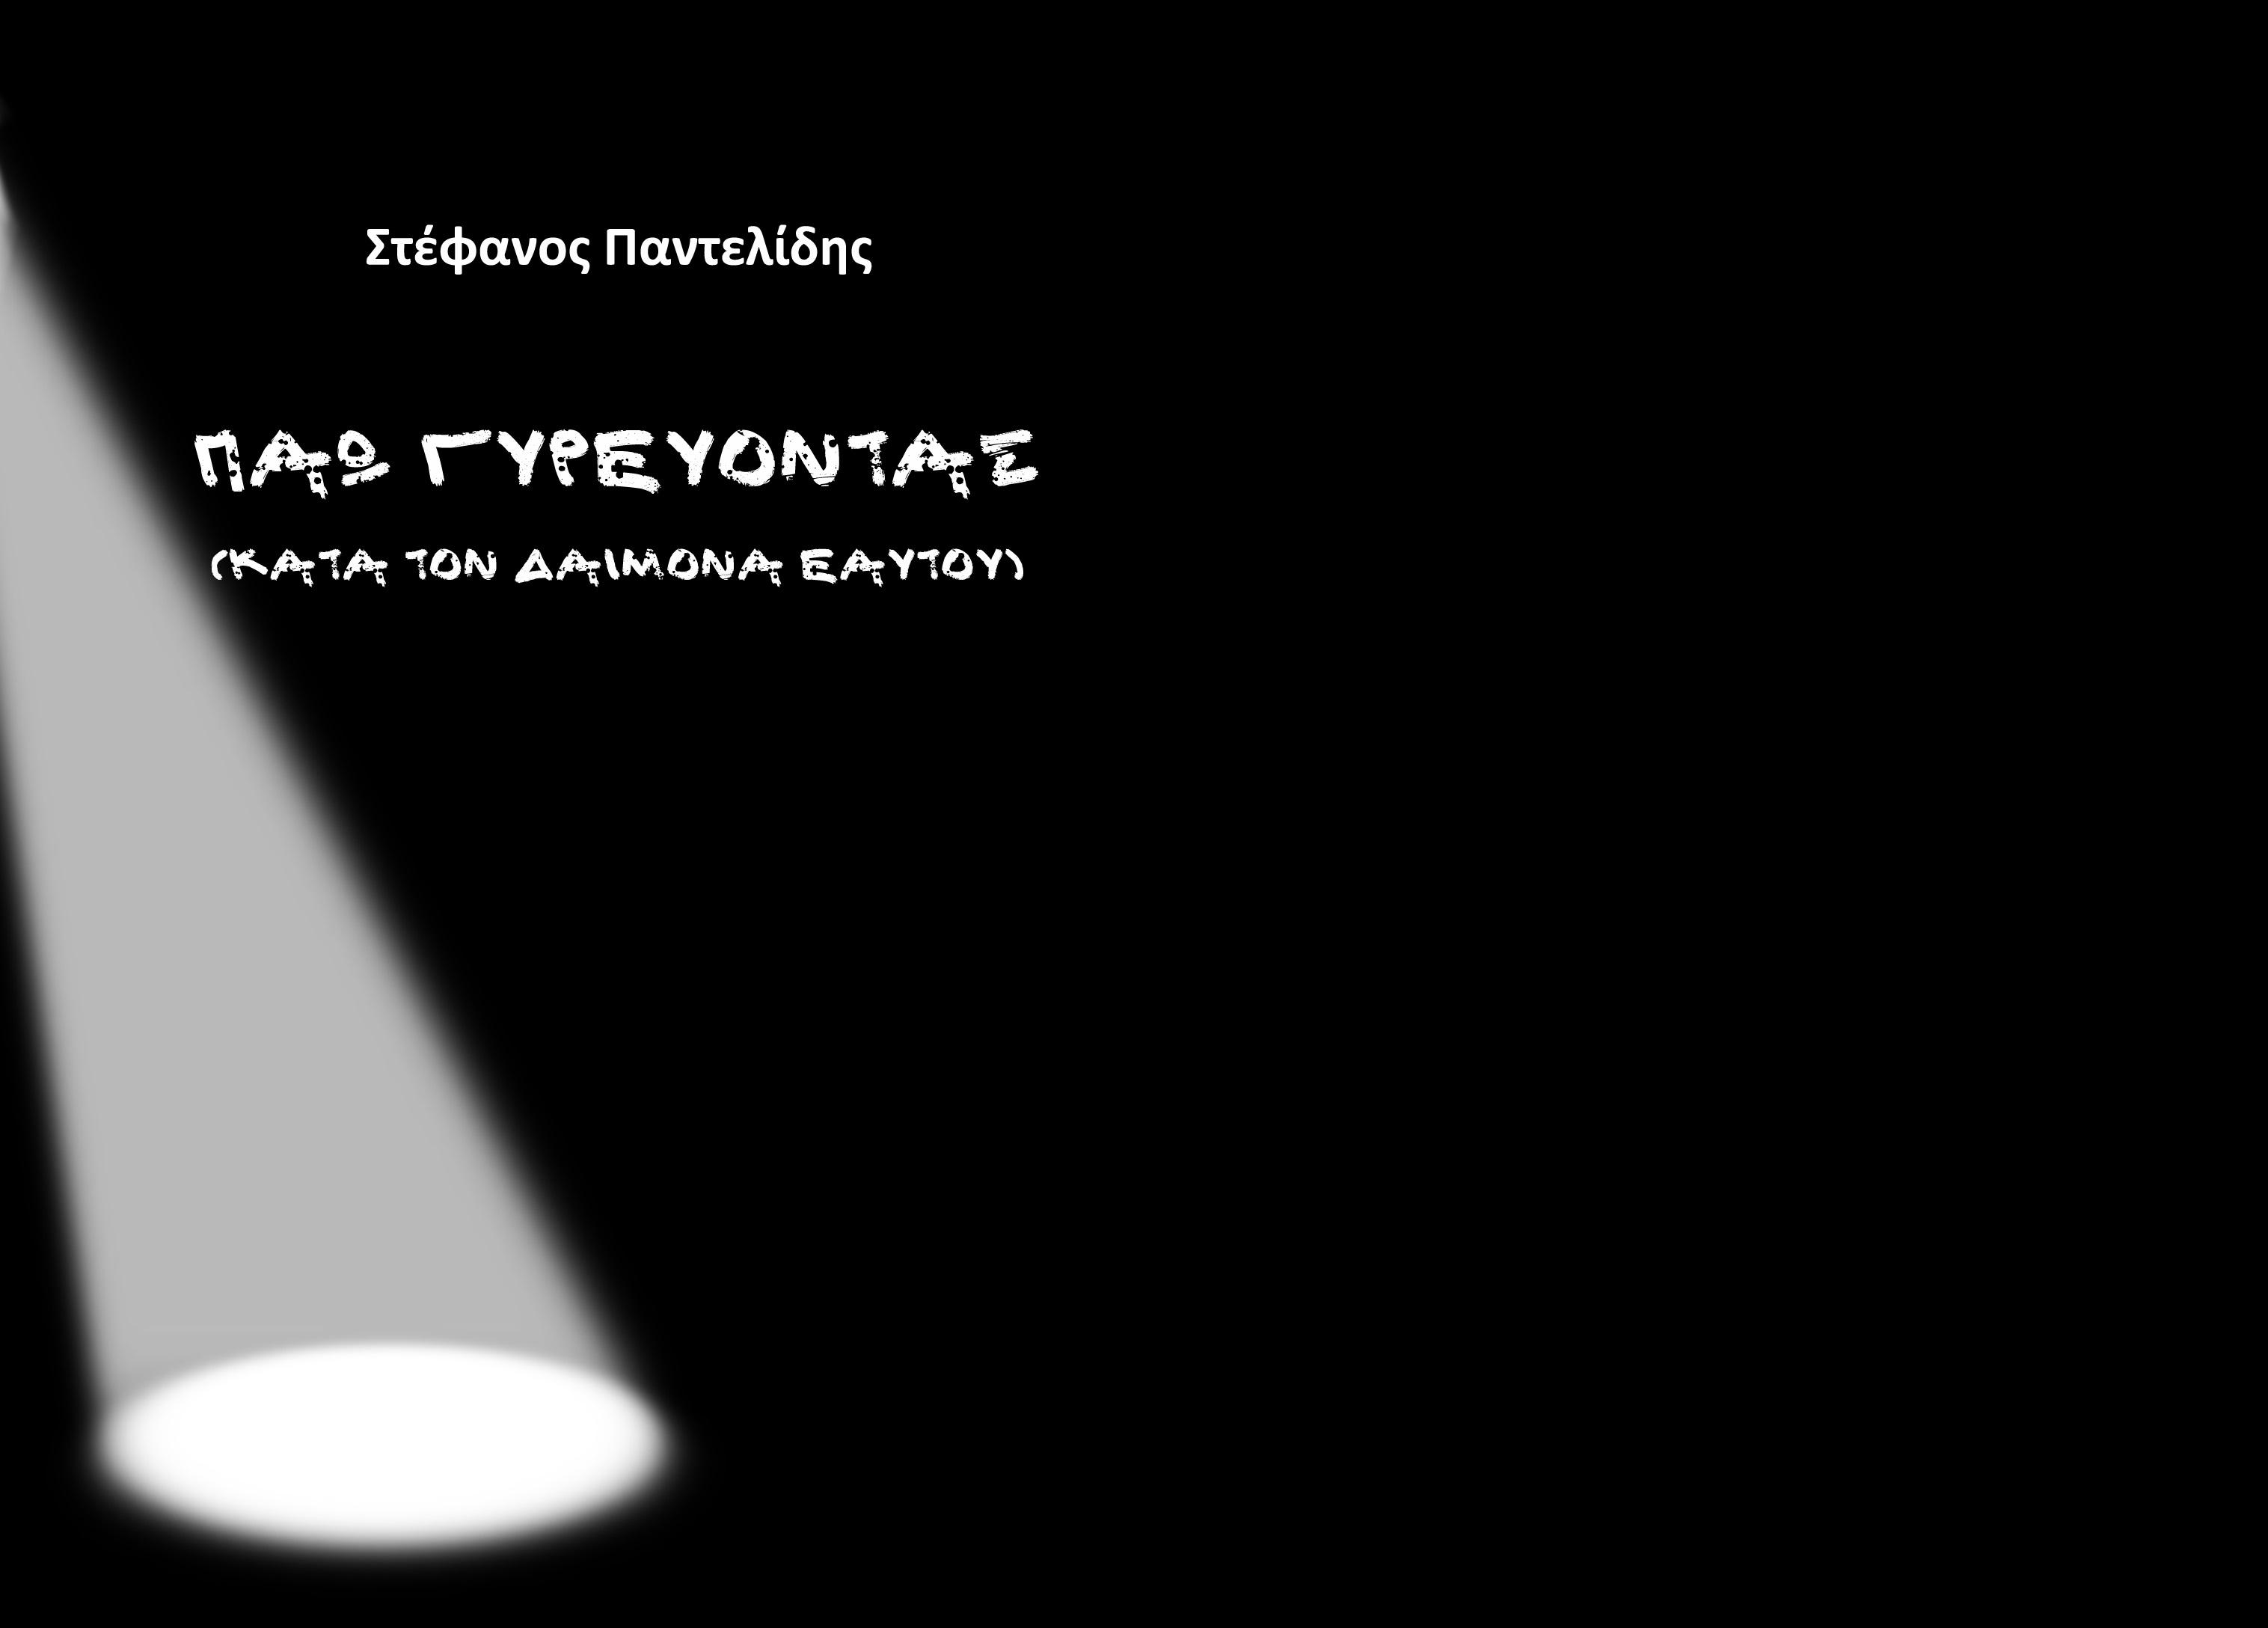 """Στέφανος Παντελίδης: 12 ποιήματα από τη συλλογή """"Πάω γυρεύοντας [κατά τον δαίμονα εαυτού]"""""""